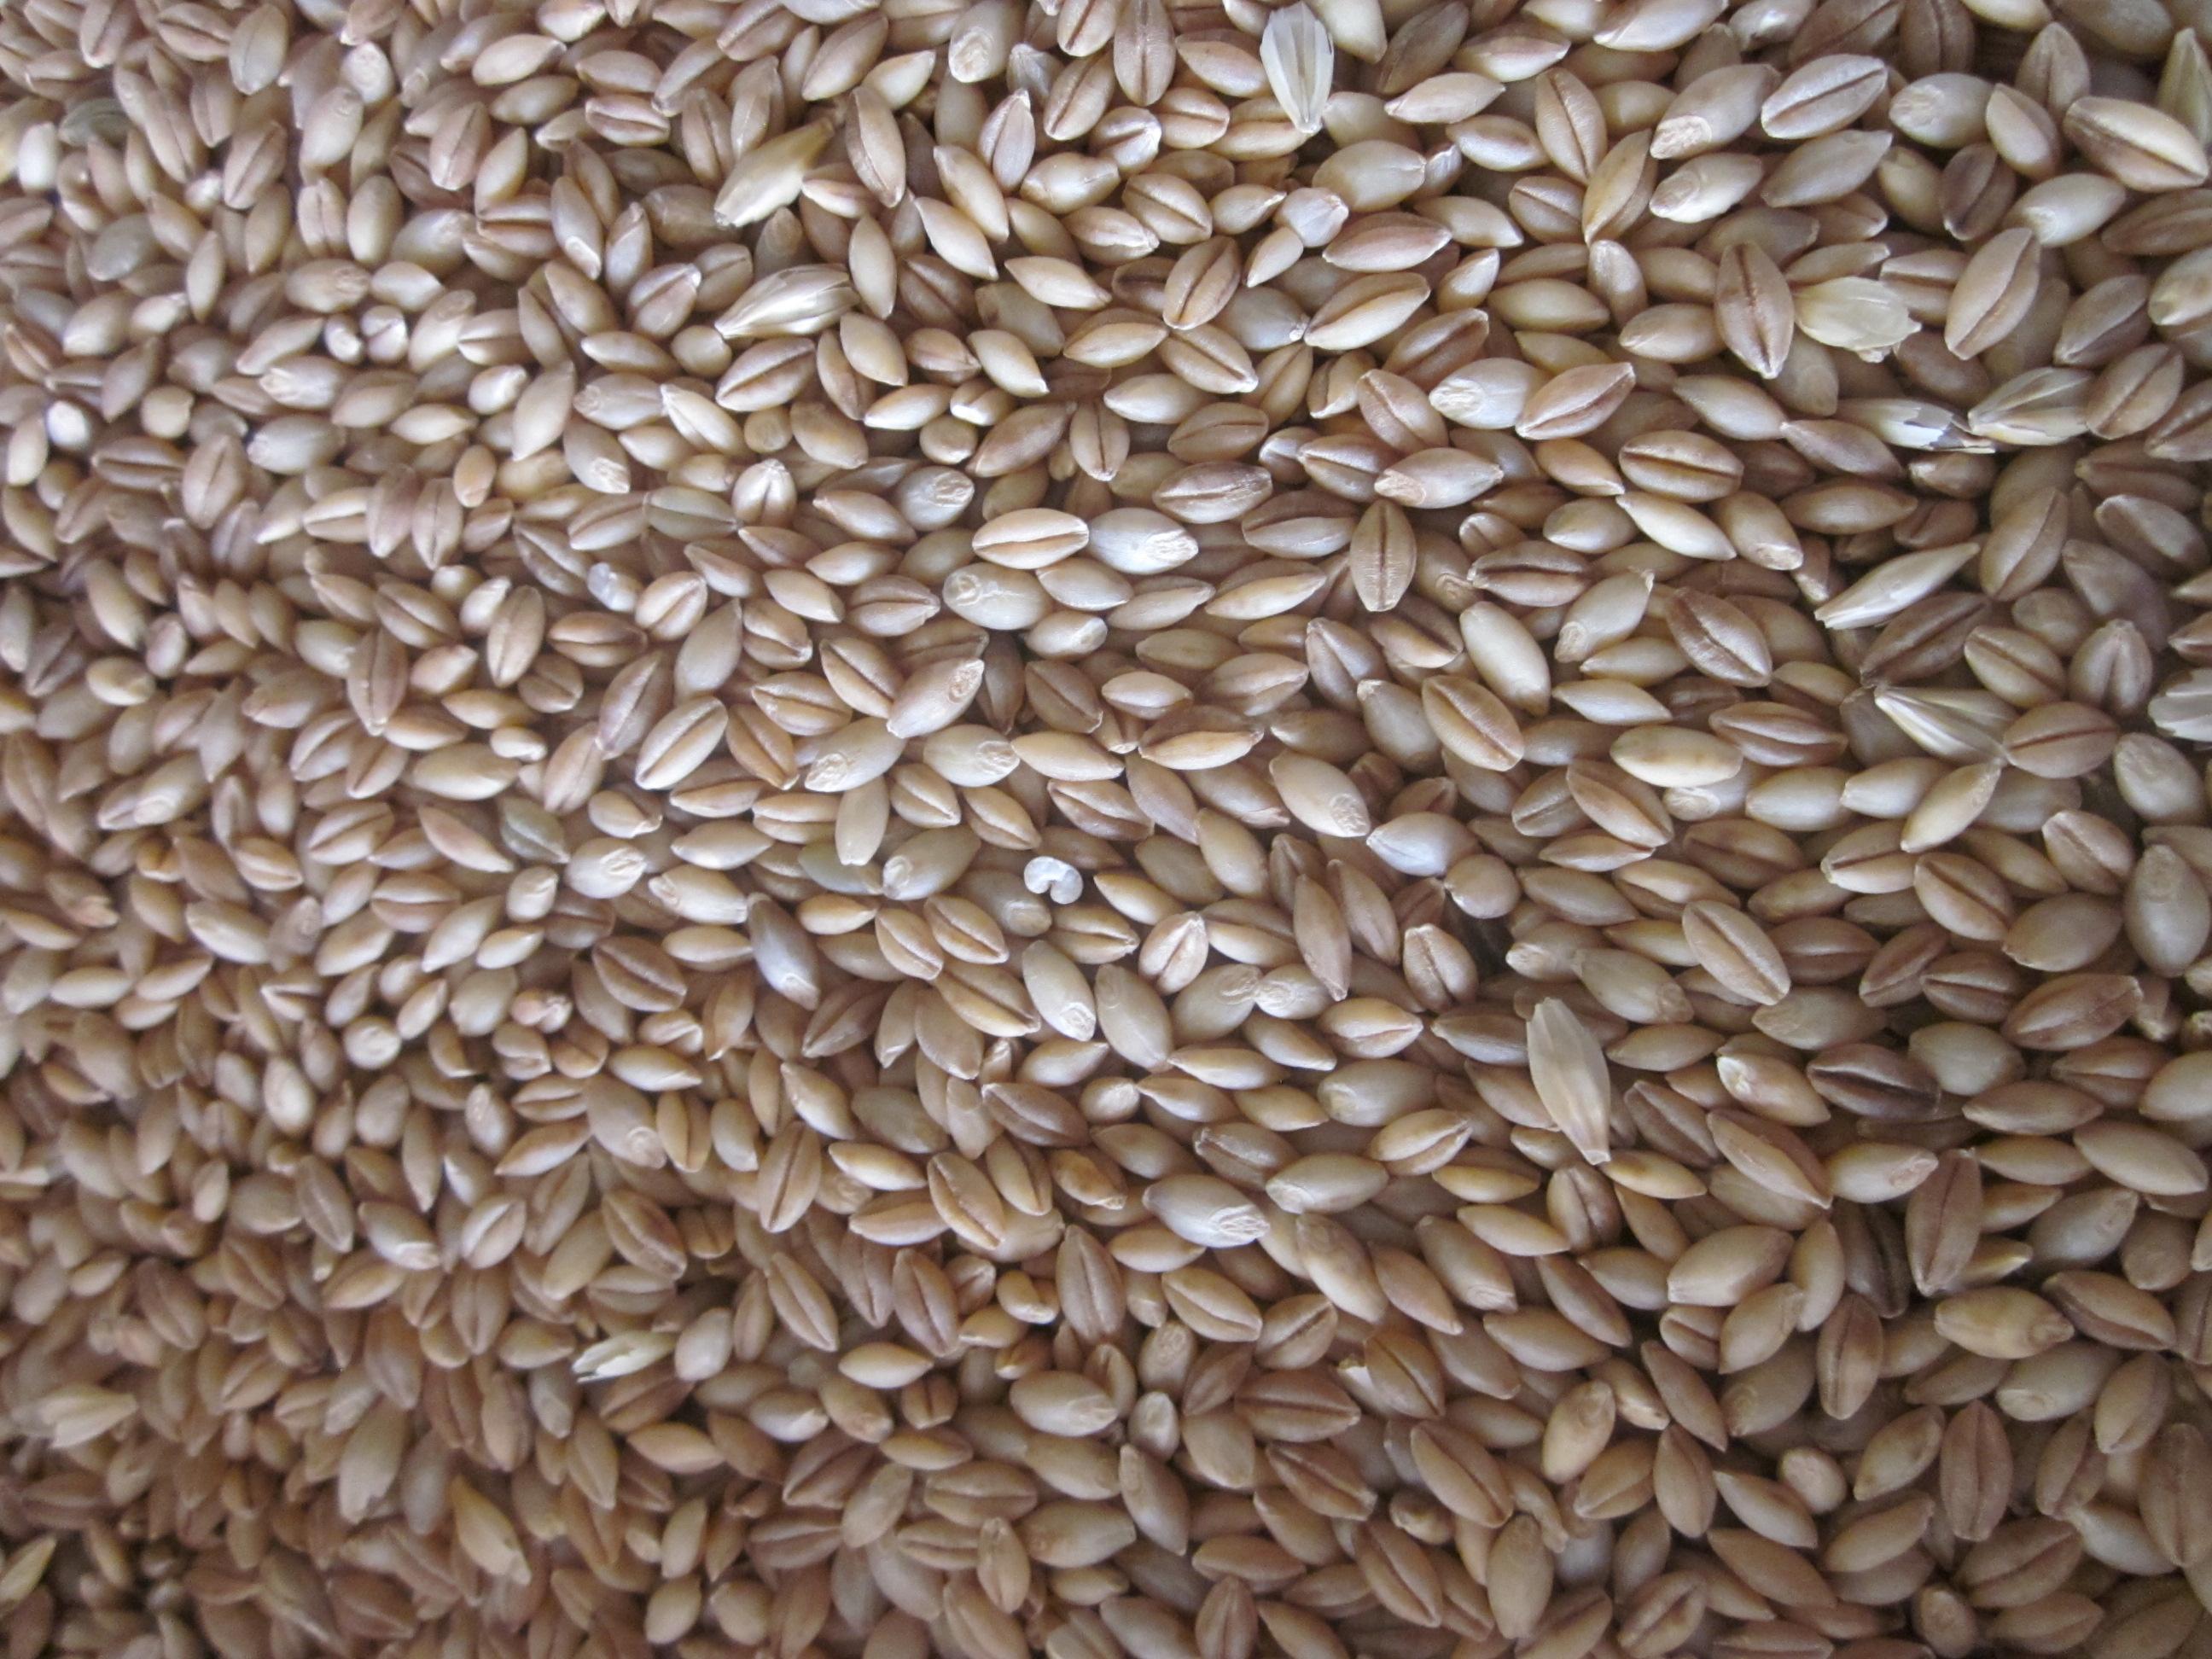 orzo mondo azienda agricola le barbarighe san martino di venezze rovigo cereali biologici